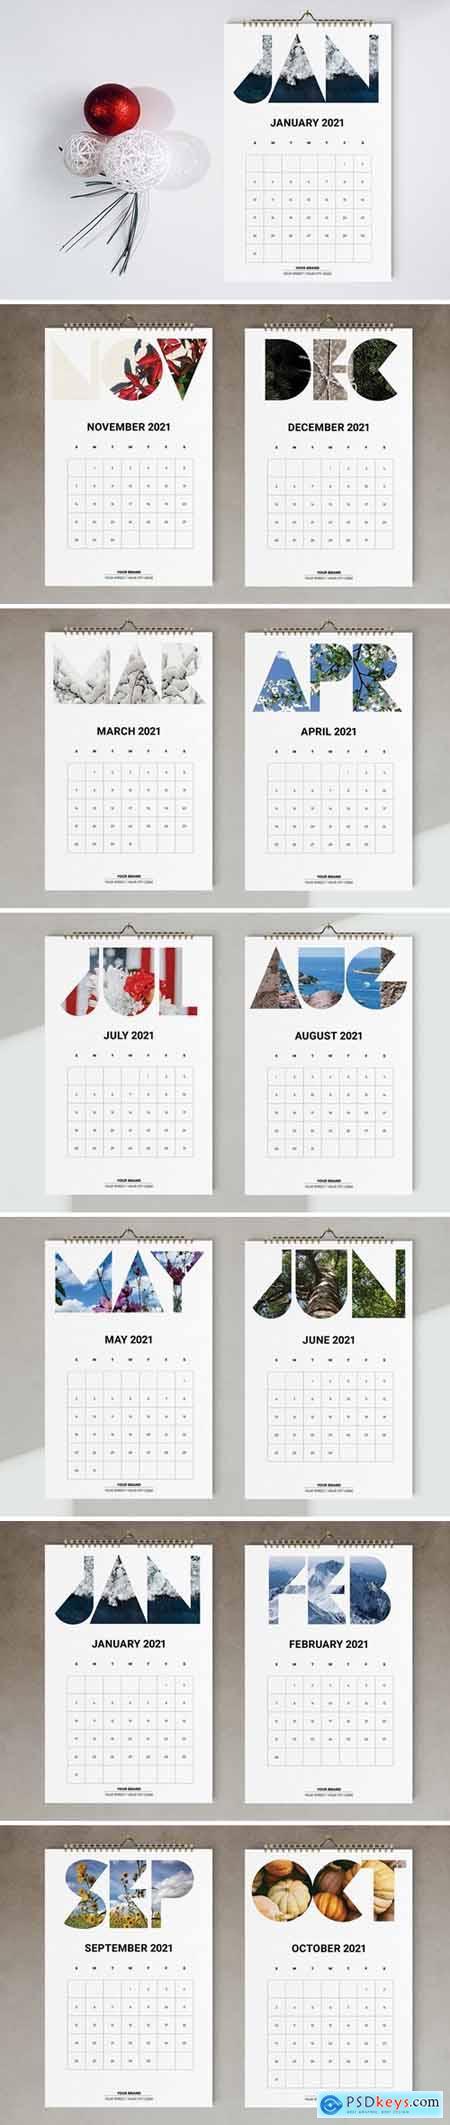 Wall Calendar 2021 Template 5667402